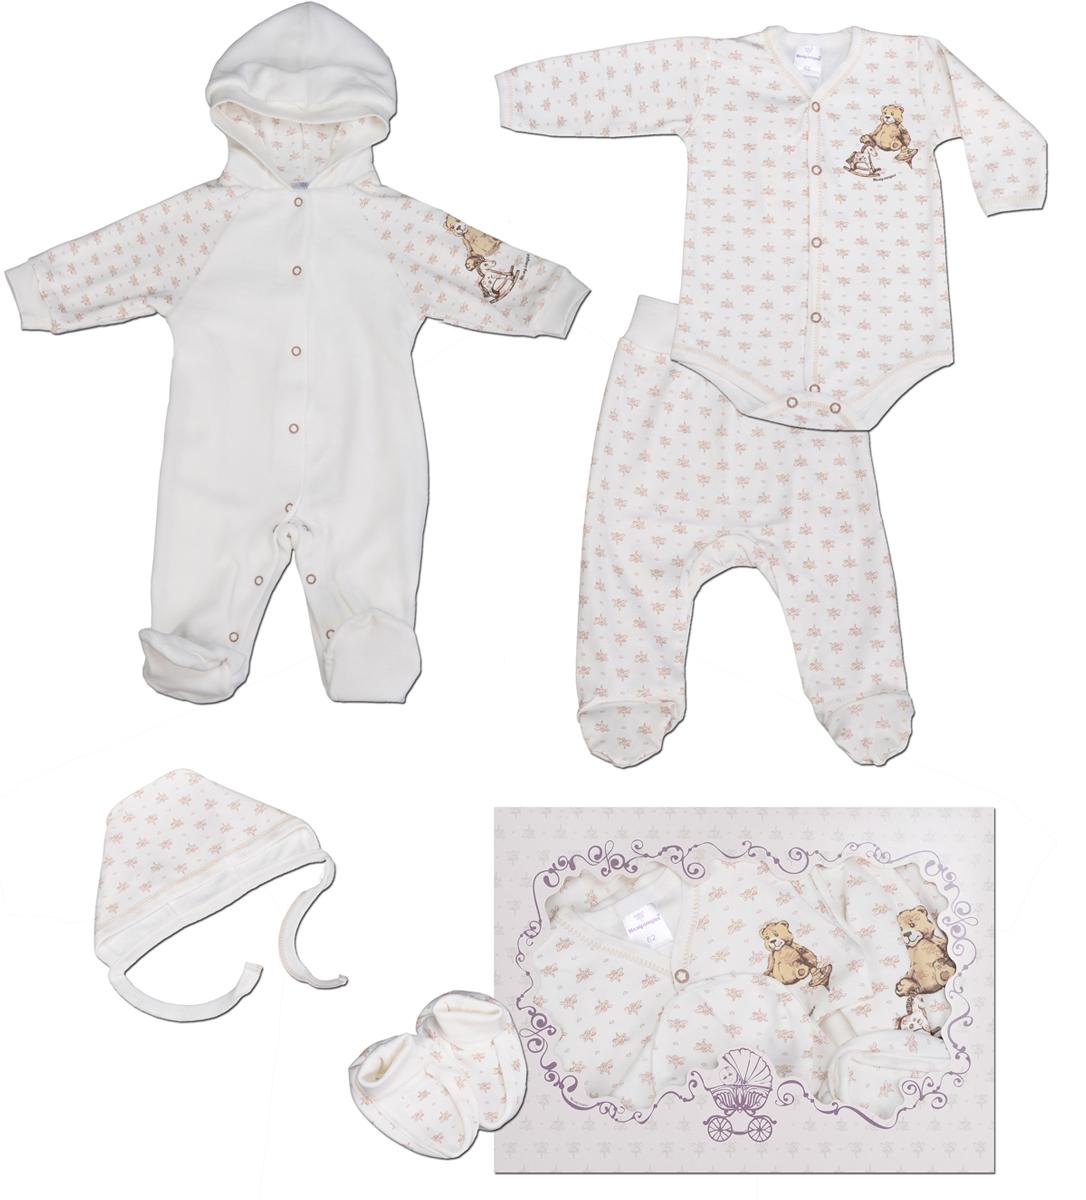 Комплект одежды детский Мамуляндия, цвет: бежевый, 5 предметов. 15-5003П. Размер 62 комбинезон ползунки боди mil